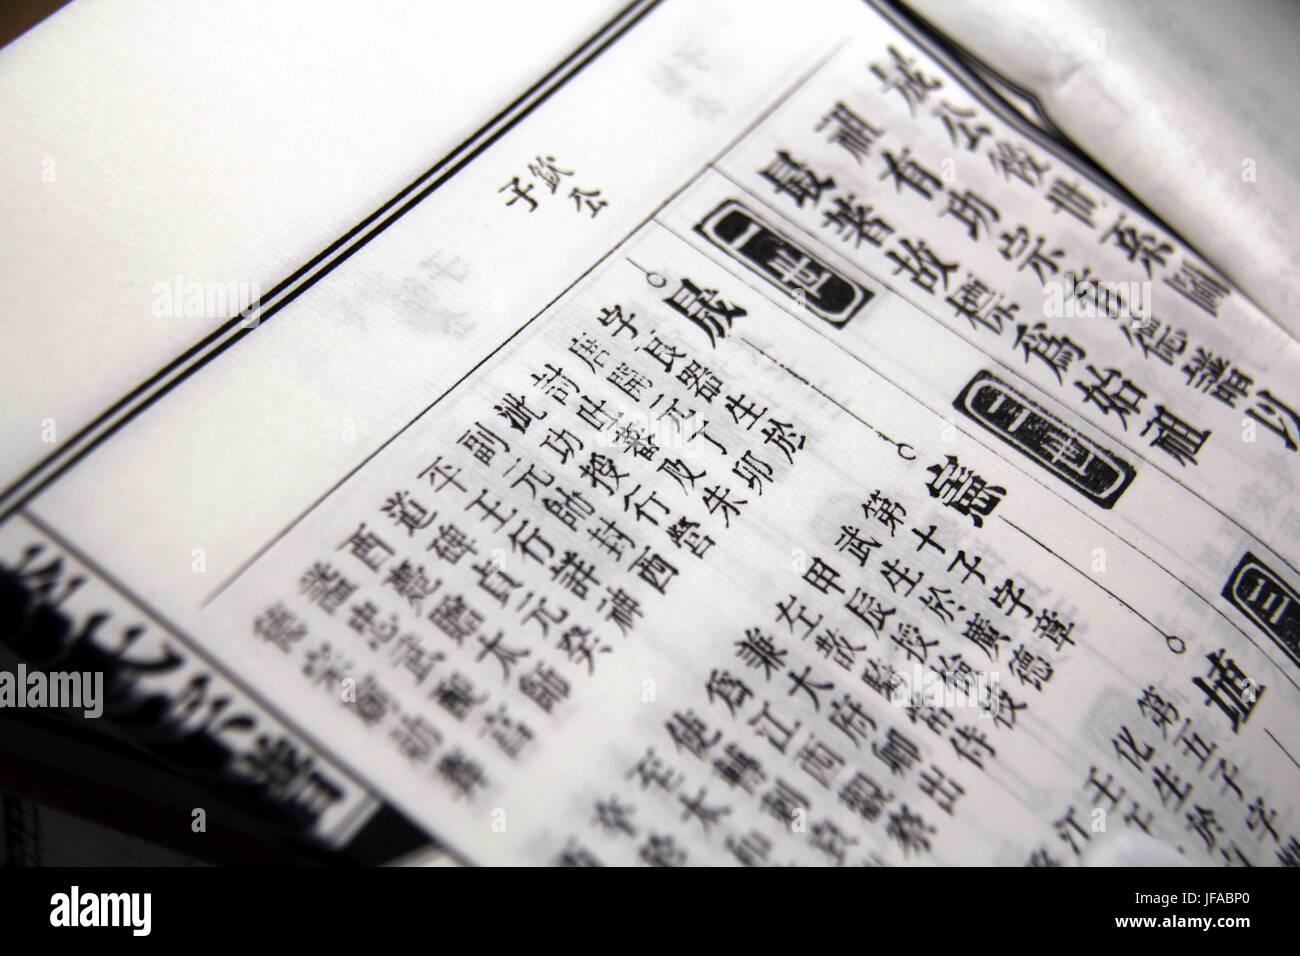 Calendario Lunare 1978.Calendario Editoriale Immagini Calendario Editoriale Fotos